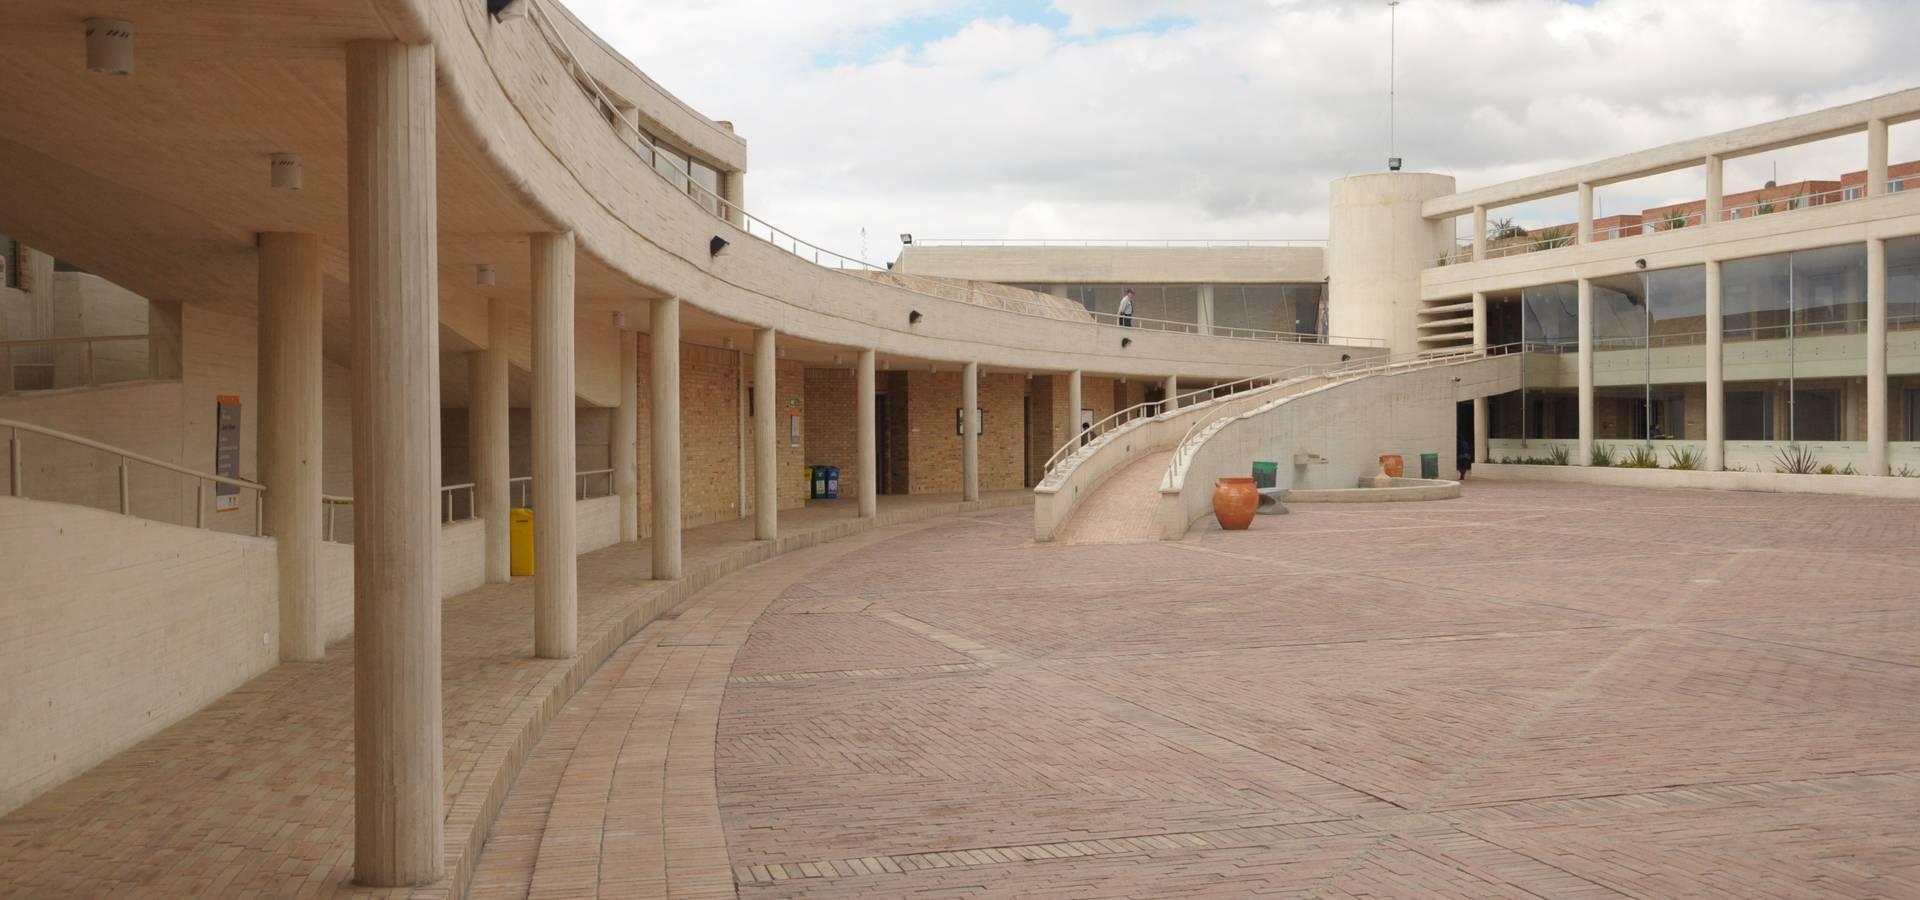 Polanco Bernal Arquitectos